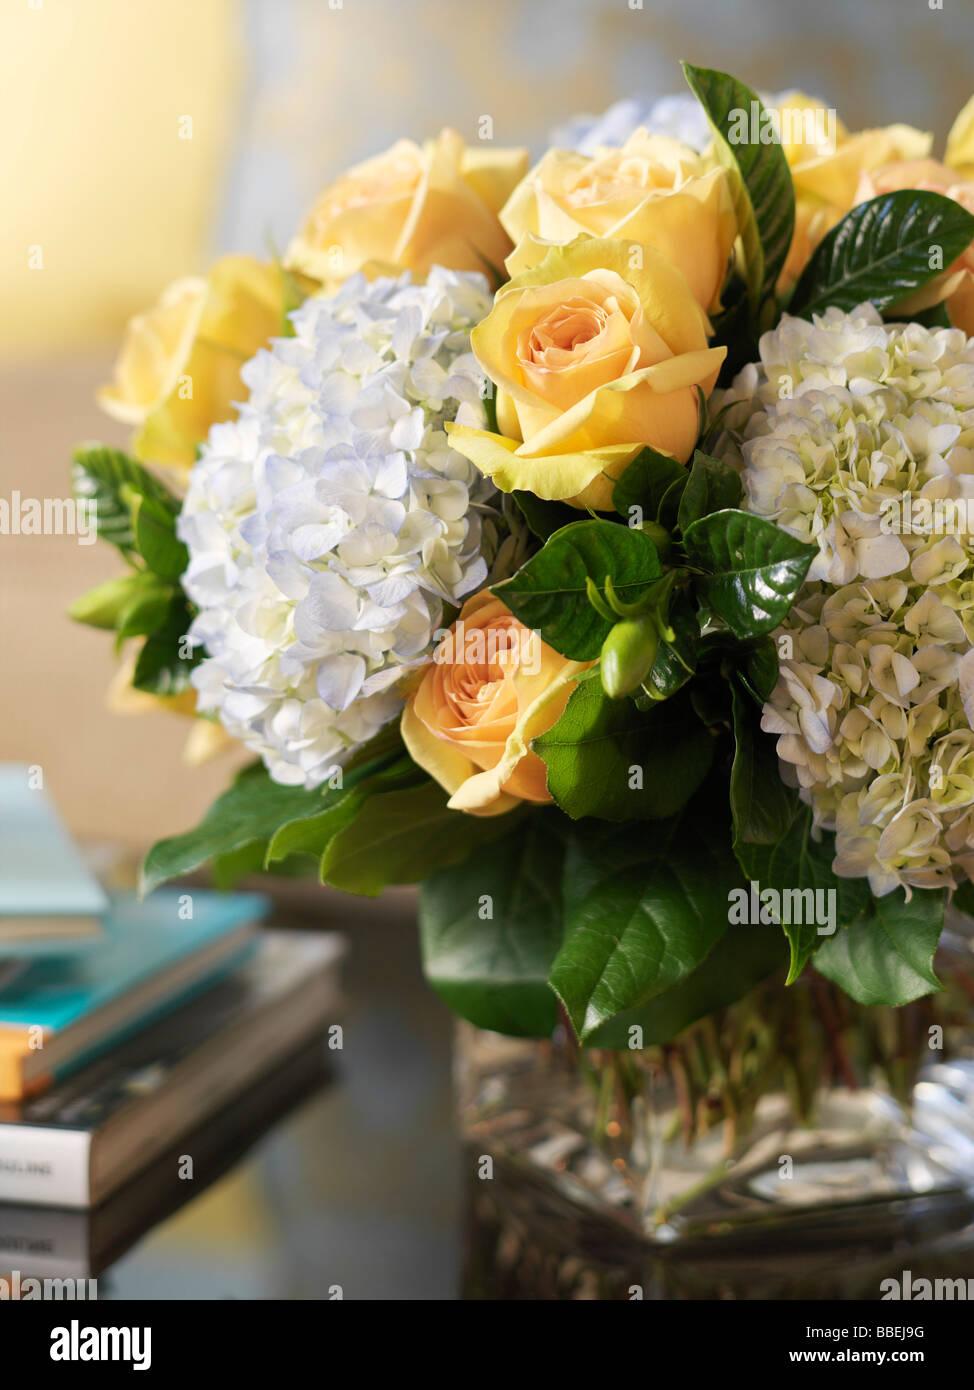 Arrangement de fleurs sur une table basse Banque D'Images